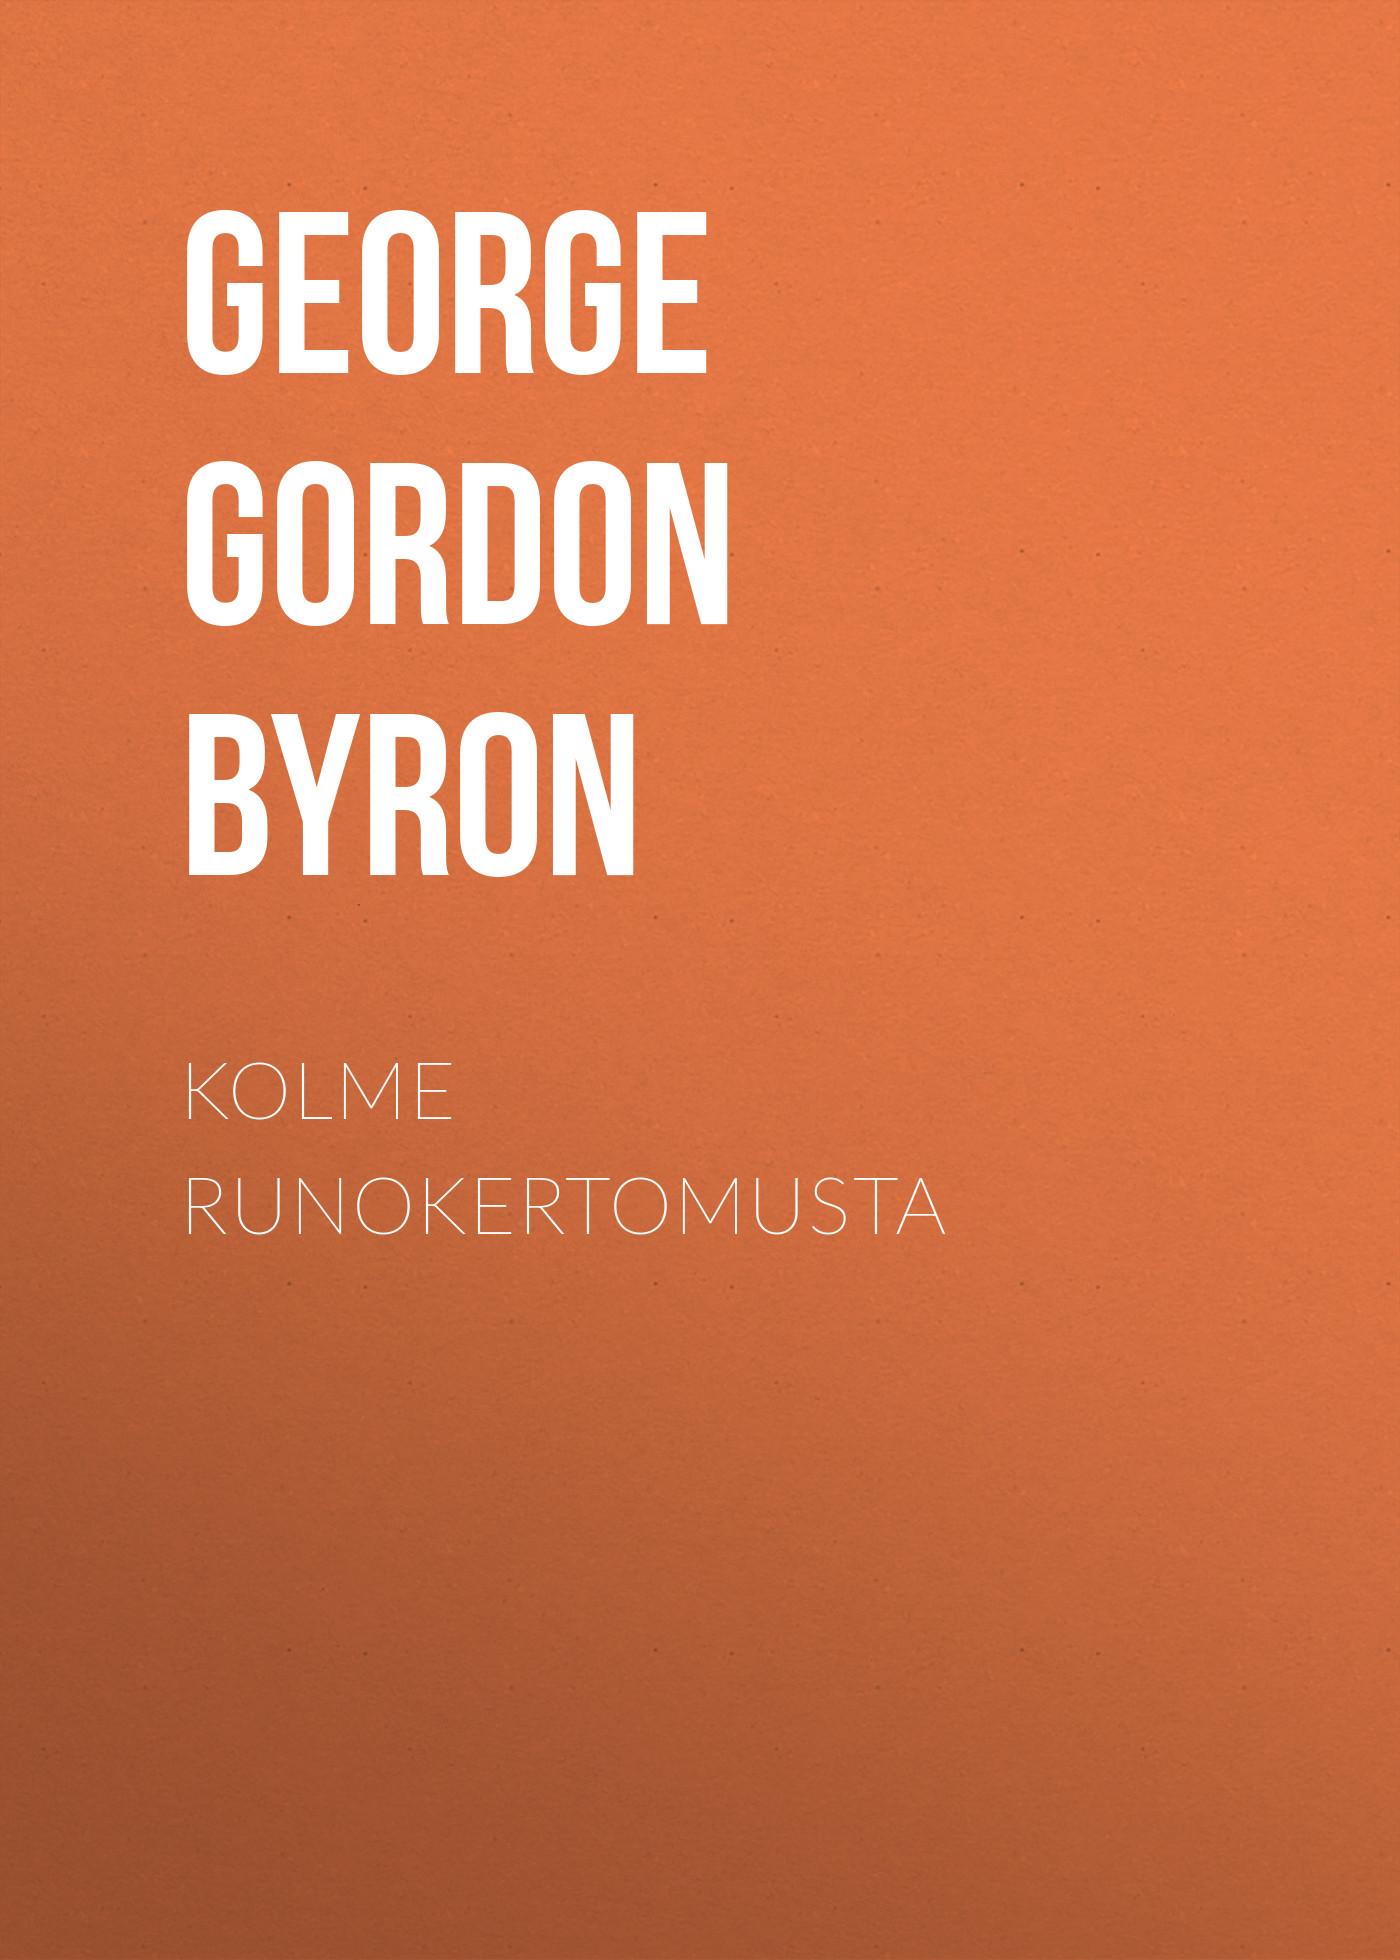 Джордж Гордон Байрон Kolme runokertomusta джордж гордон байрон избранные произведения в 2 томах комплект